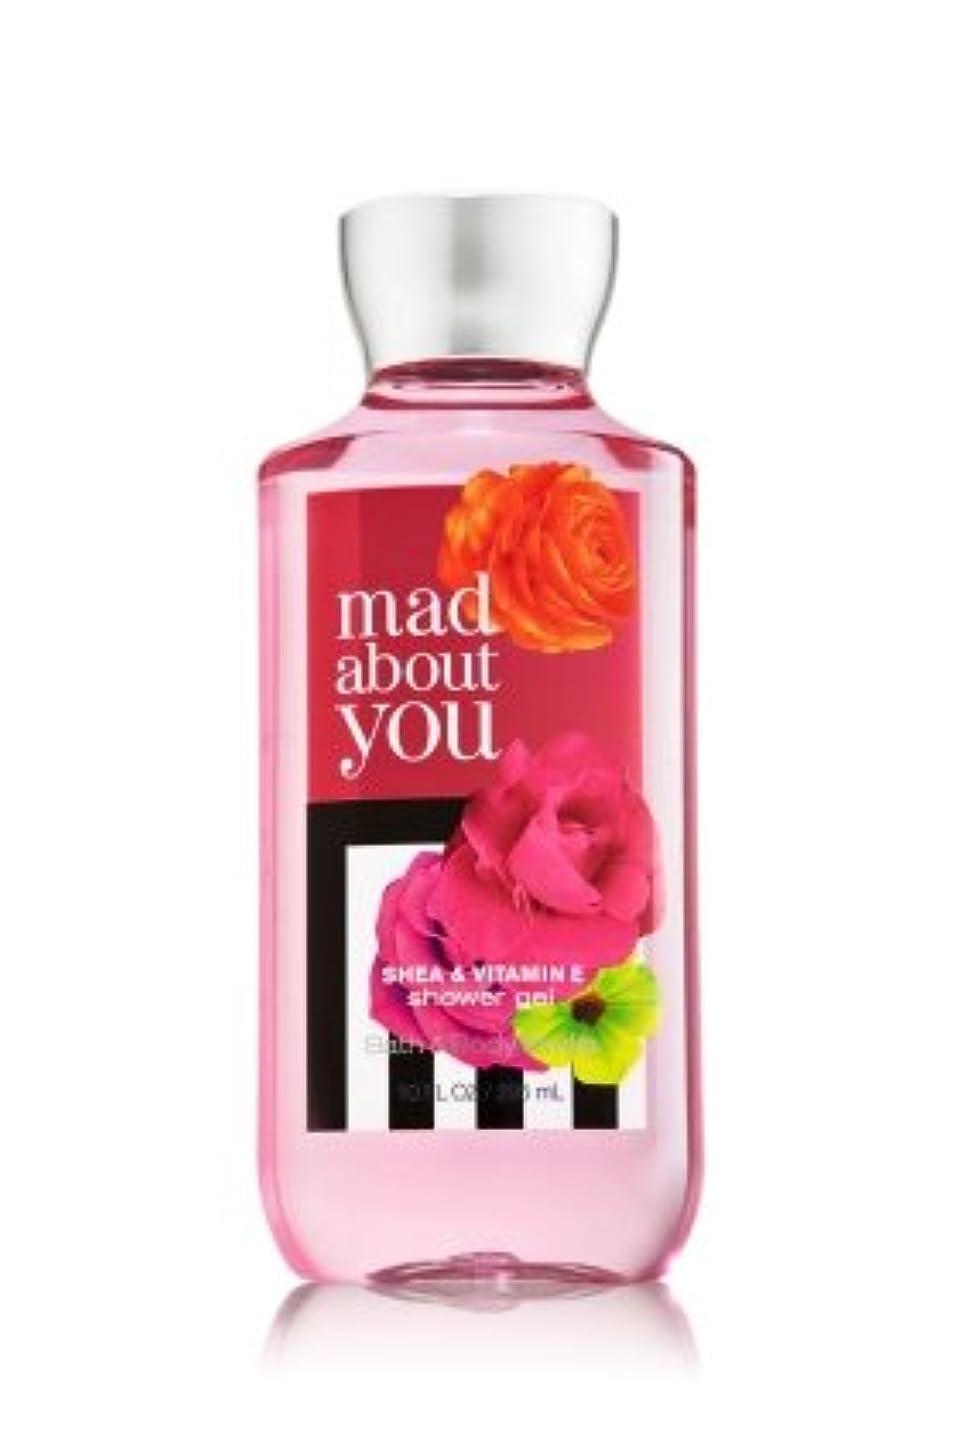 実業家徹底発表する【Bath&Body Works/バス&ボディワークス】 シャワージェル マッドアバウトユー Shower Gel Mad About You 10 fl oz / 295 mL [並行輸入品]